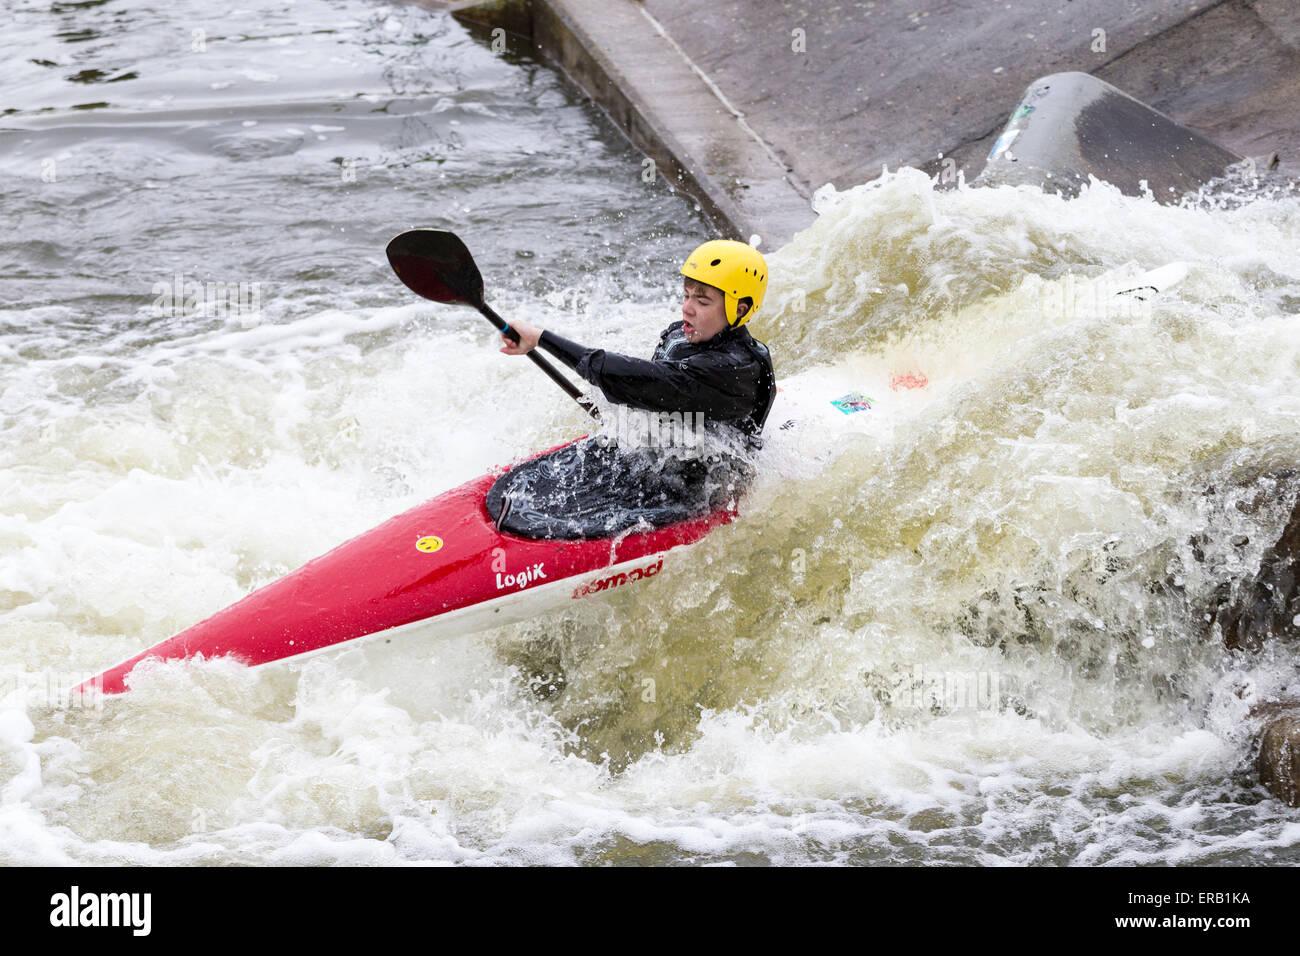 Kayaking In Whitewater Stockfotos & Kayaking In Whitewater Bilder ...